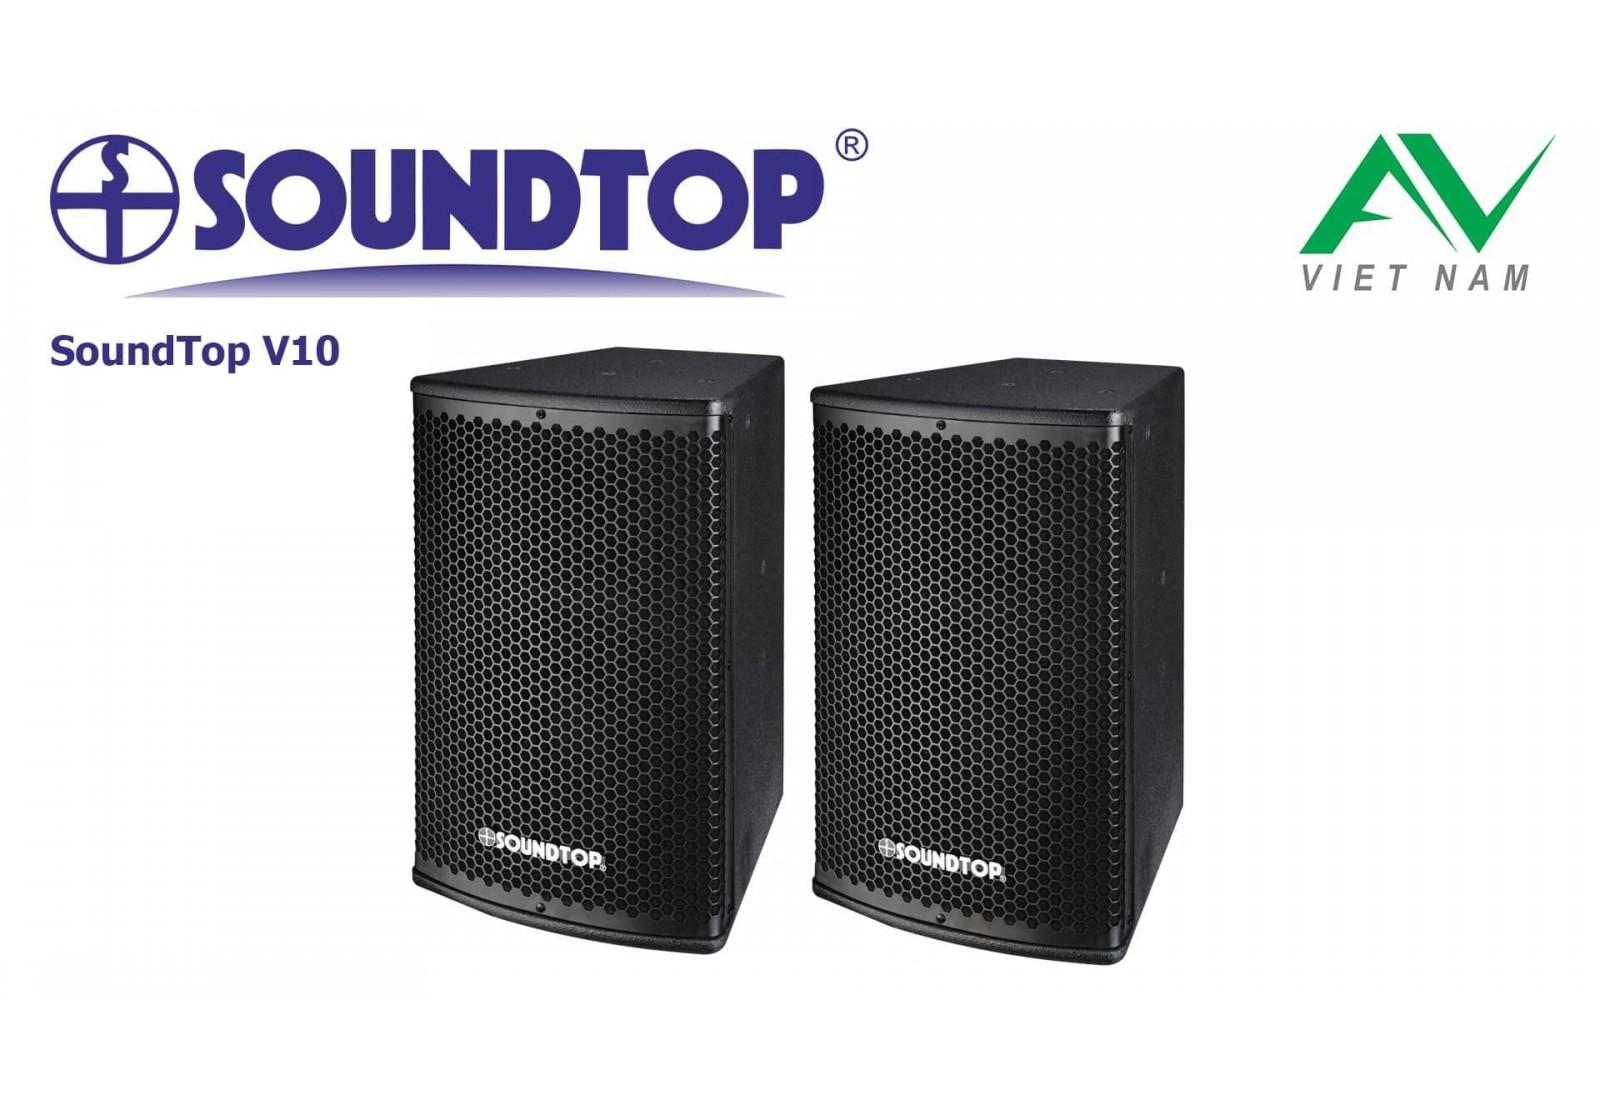 SoundTop V10